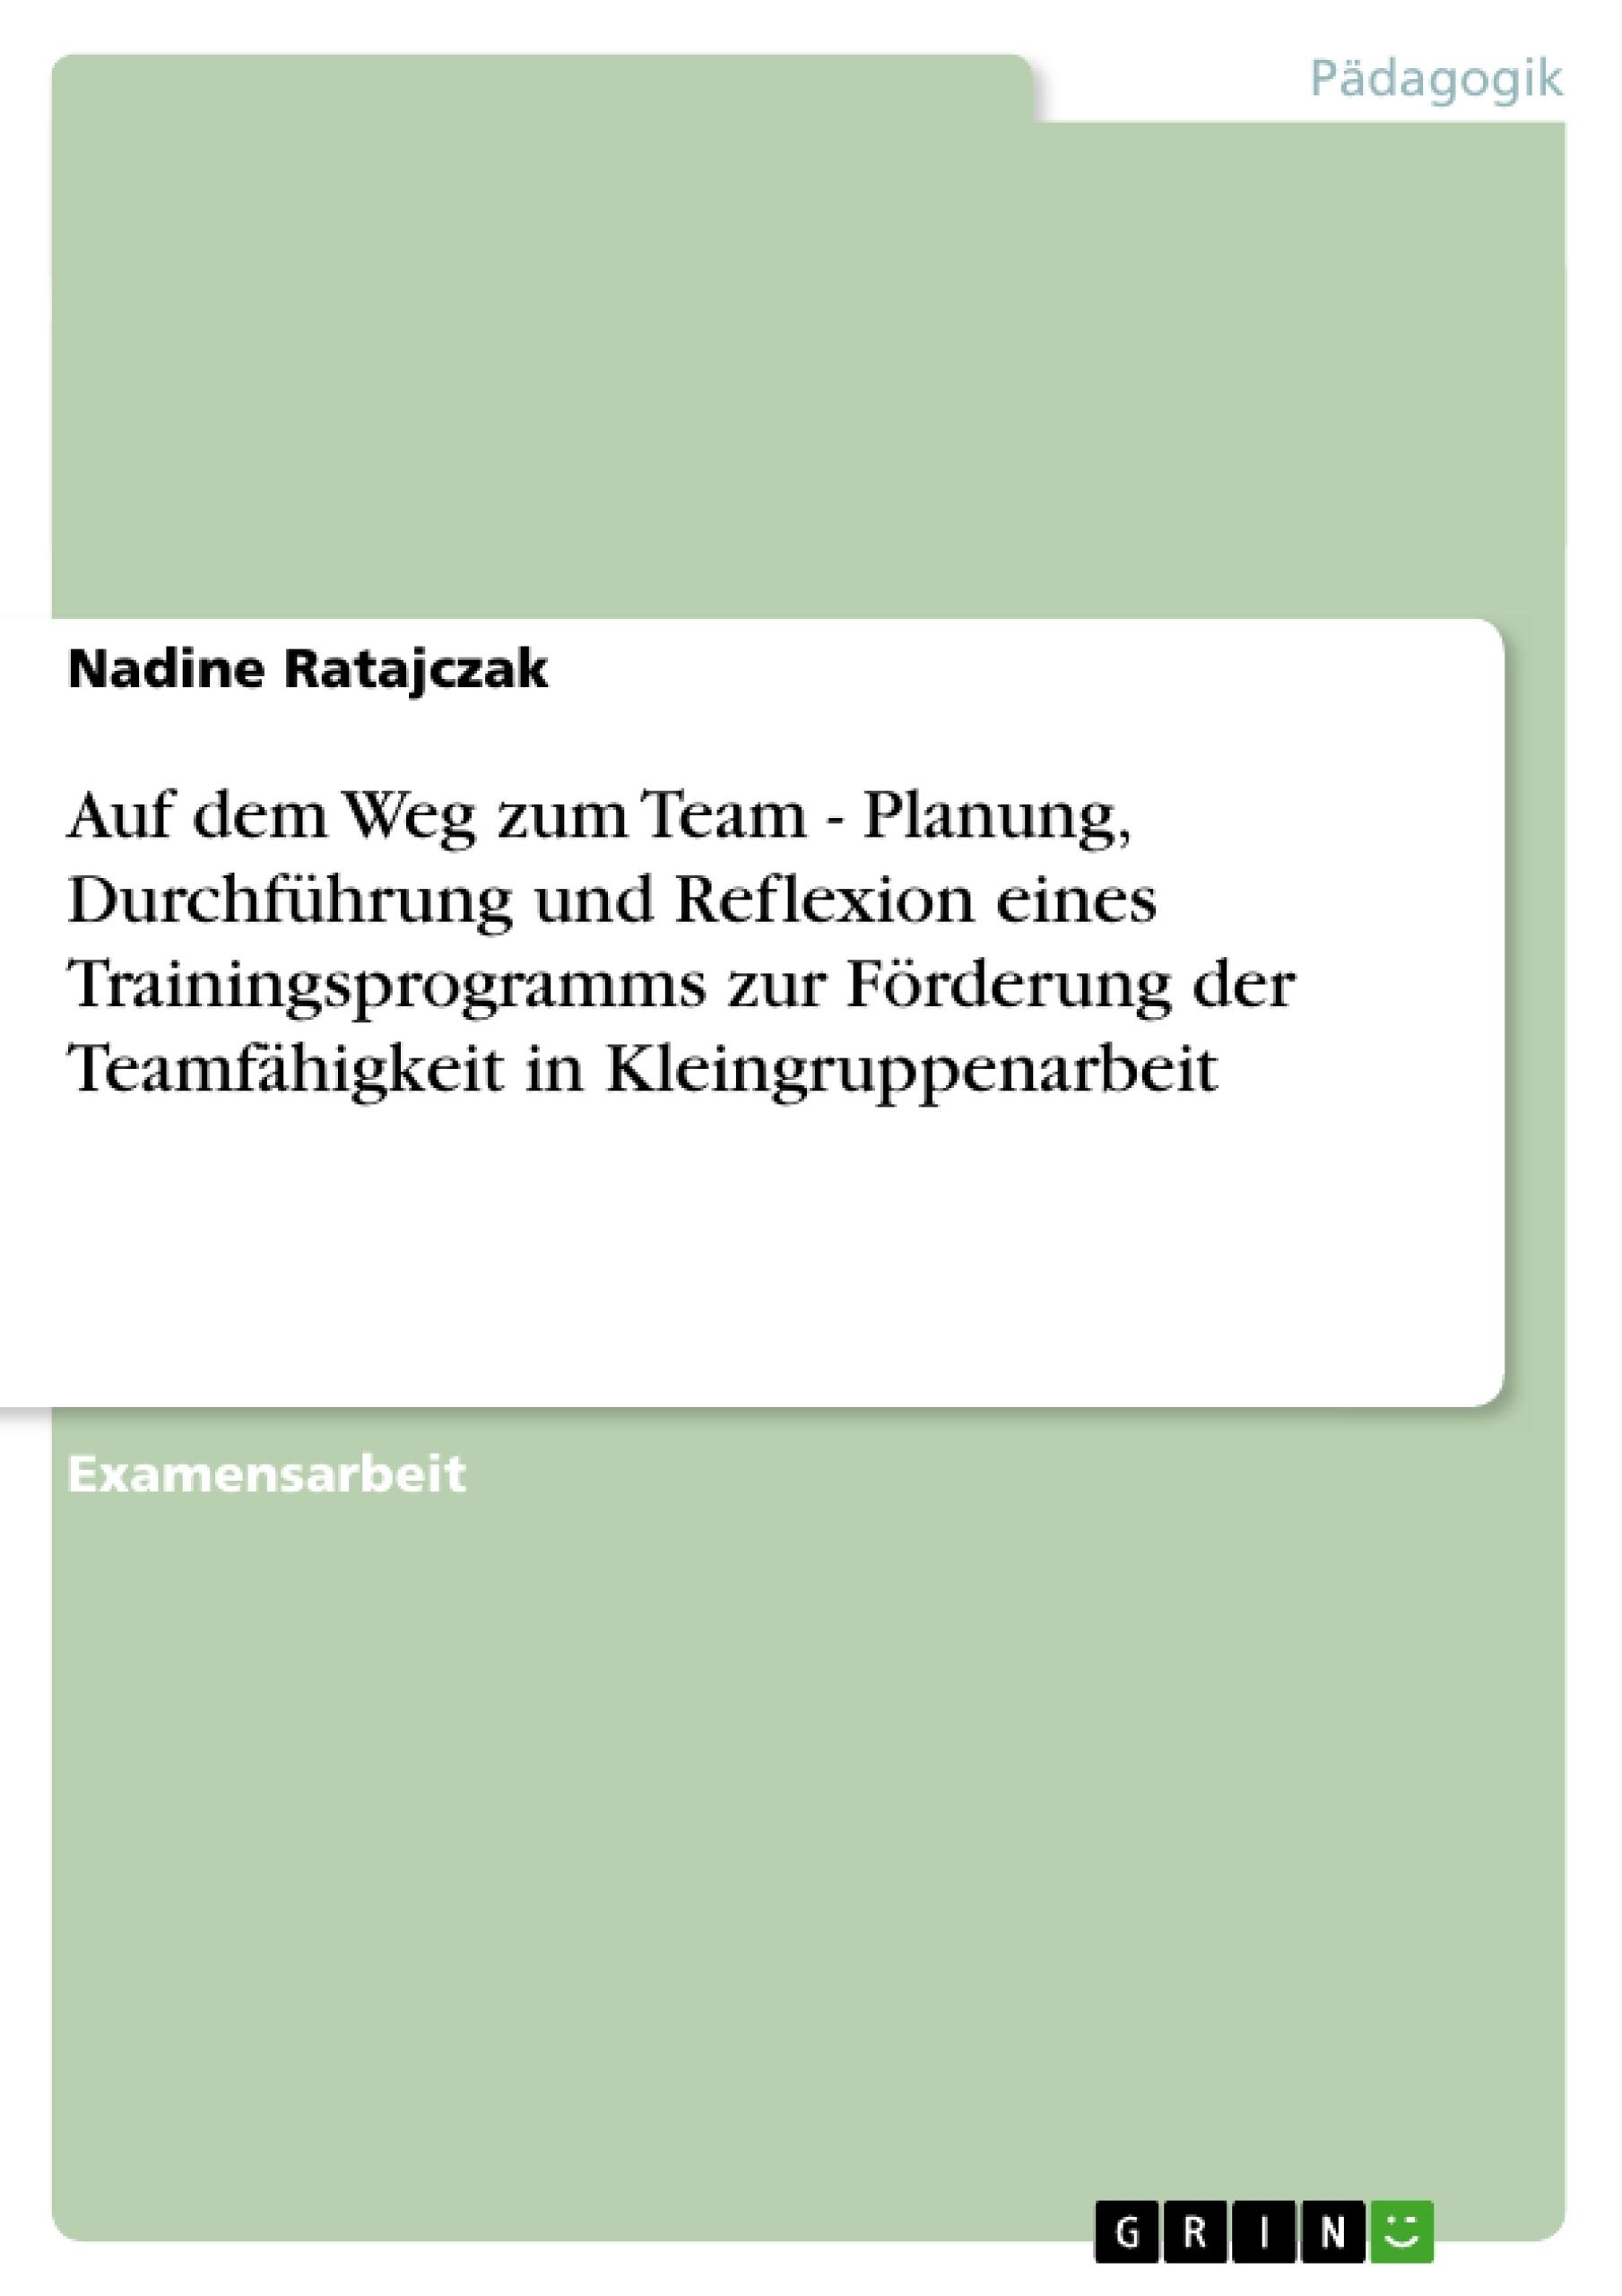 Titel: Auf dem Weg zum Team - Planung, Durchführung und Reflexion eines Trainingsprogramms zur Förderung der Teamfähigkeit in Kleingruppenarbeit